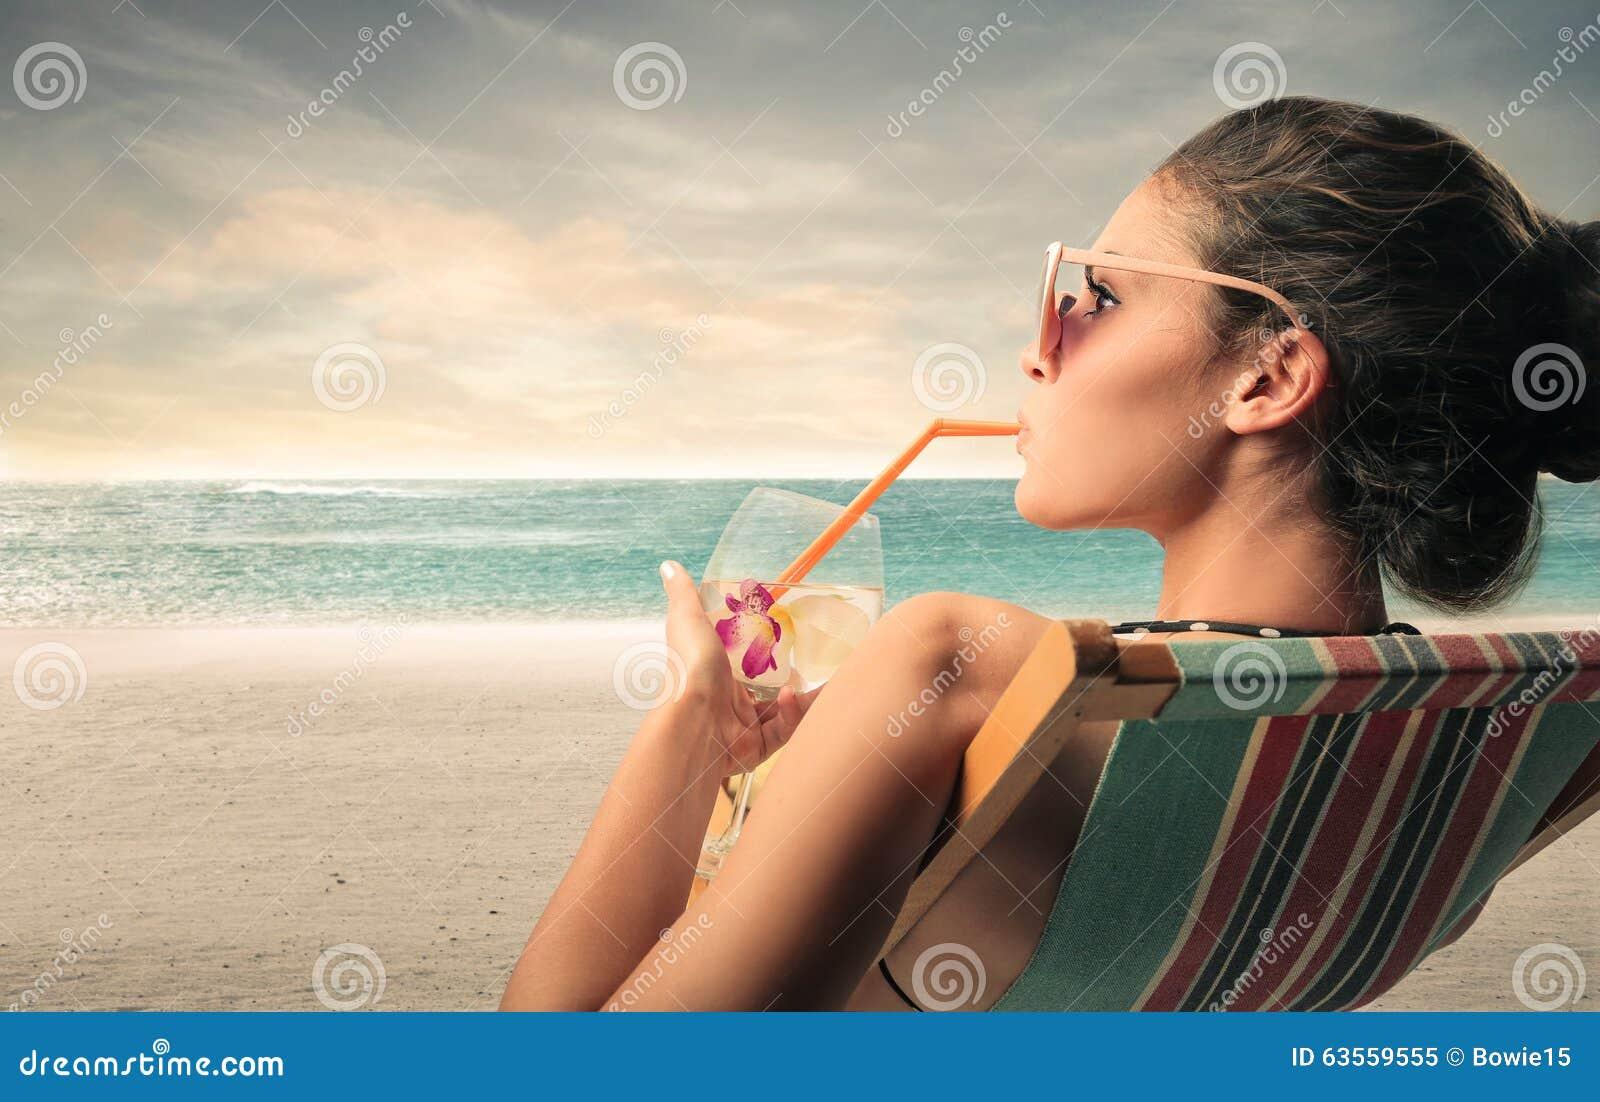 Läsk på stranden